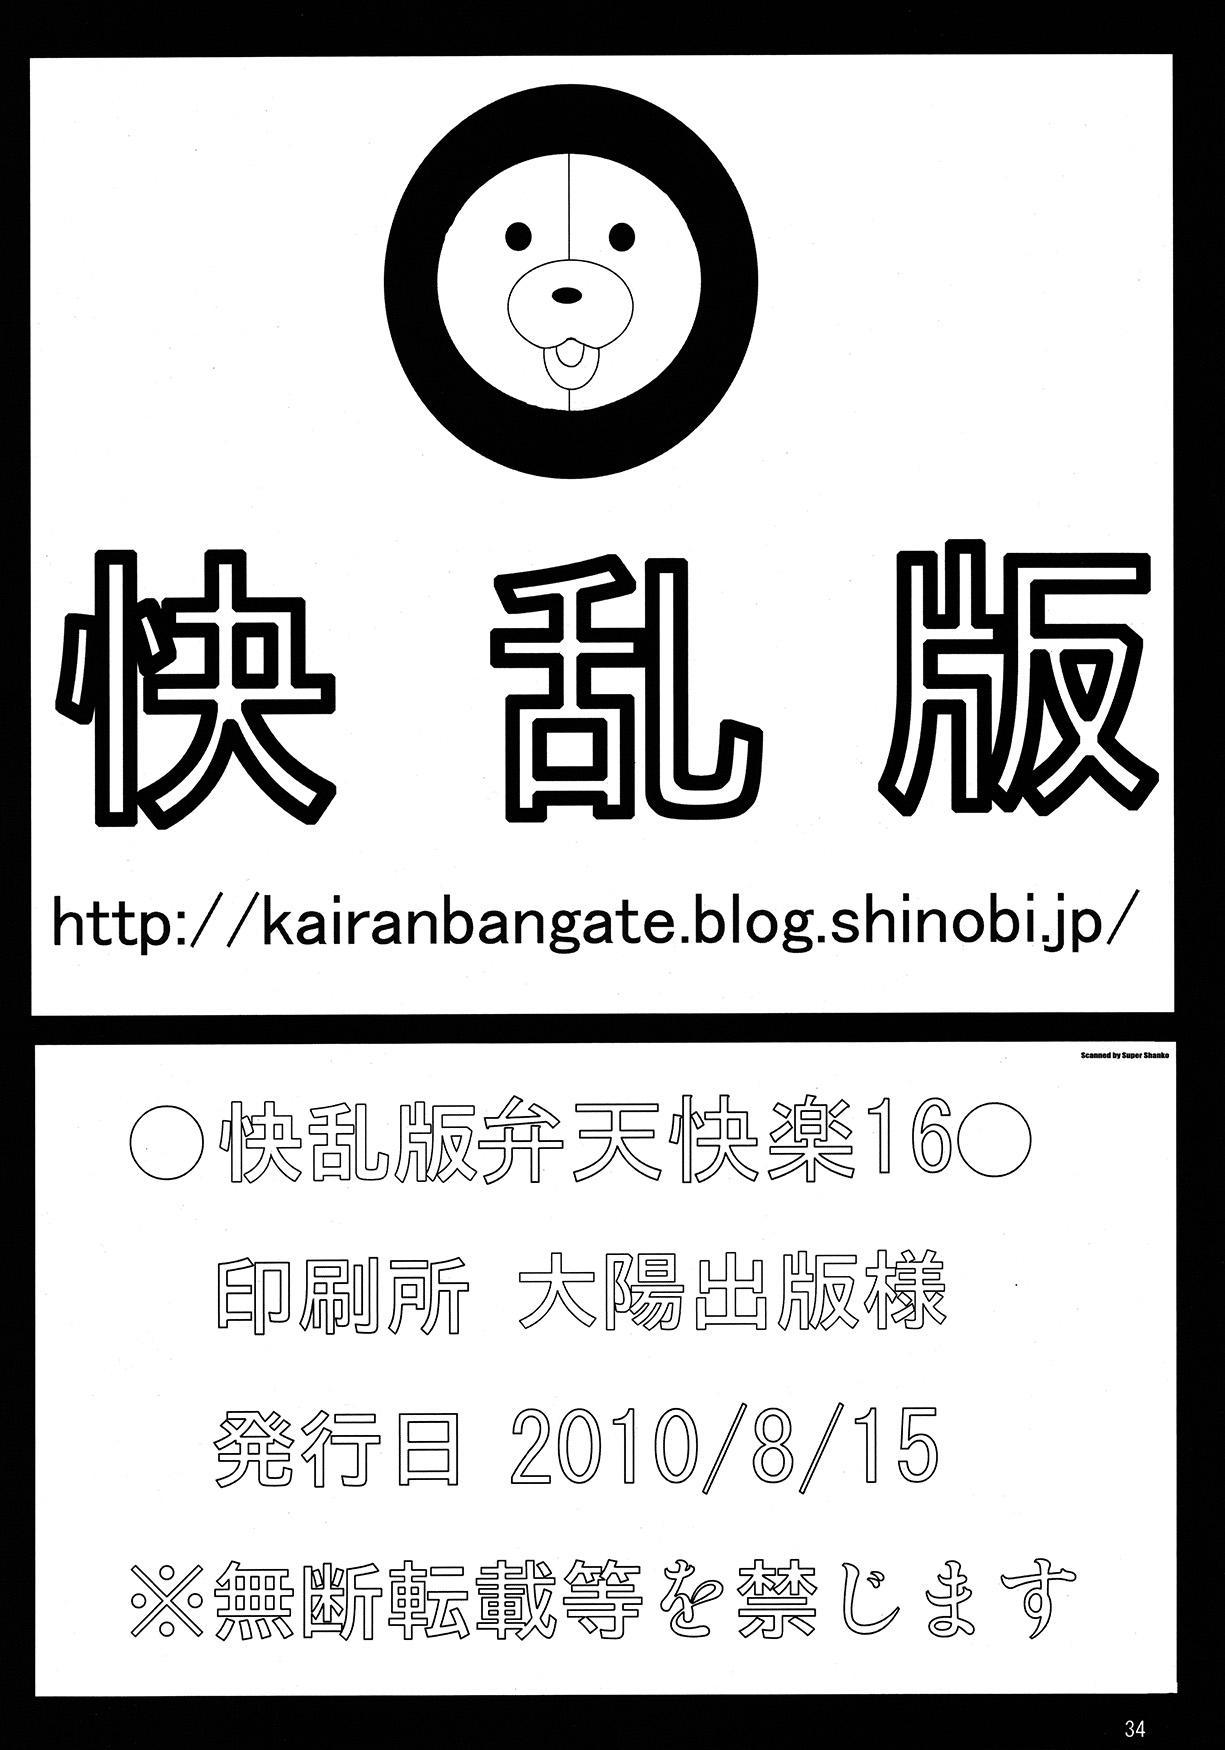 Benten Kairaku 16 Moshimo Kare Ga Boketa Nara 30